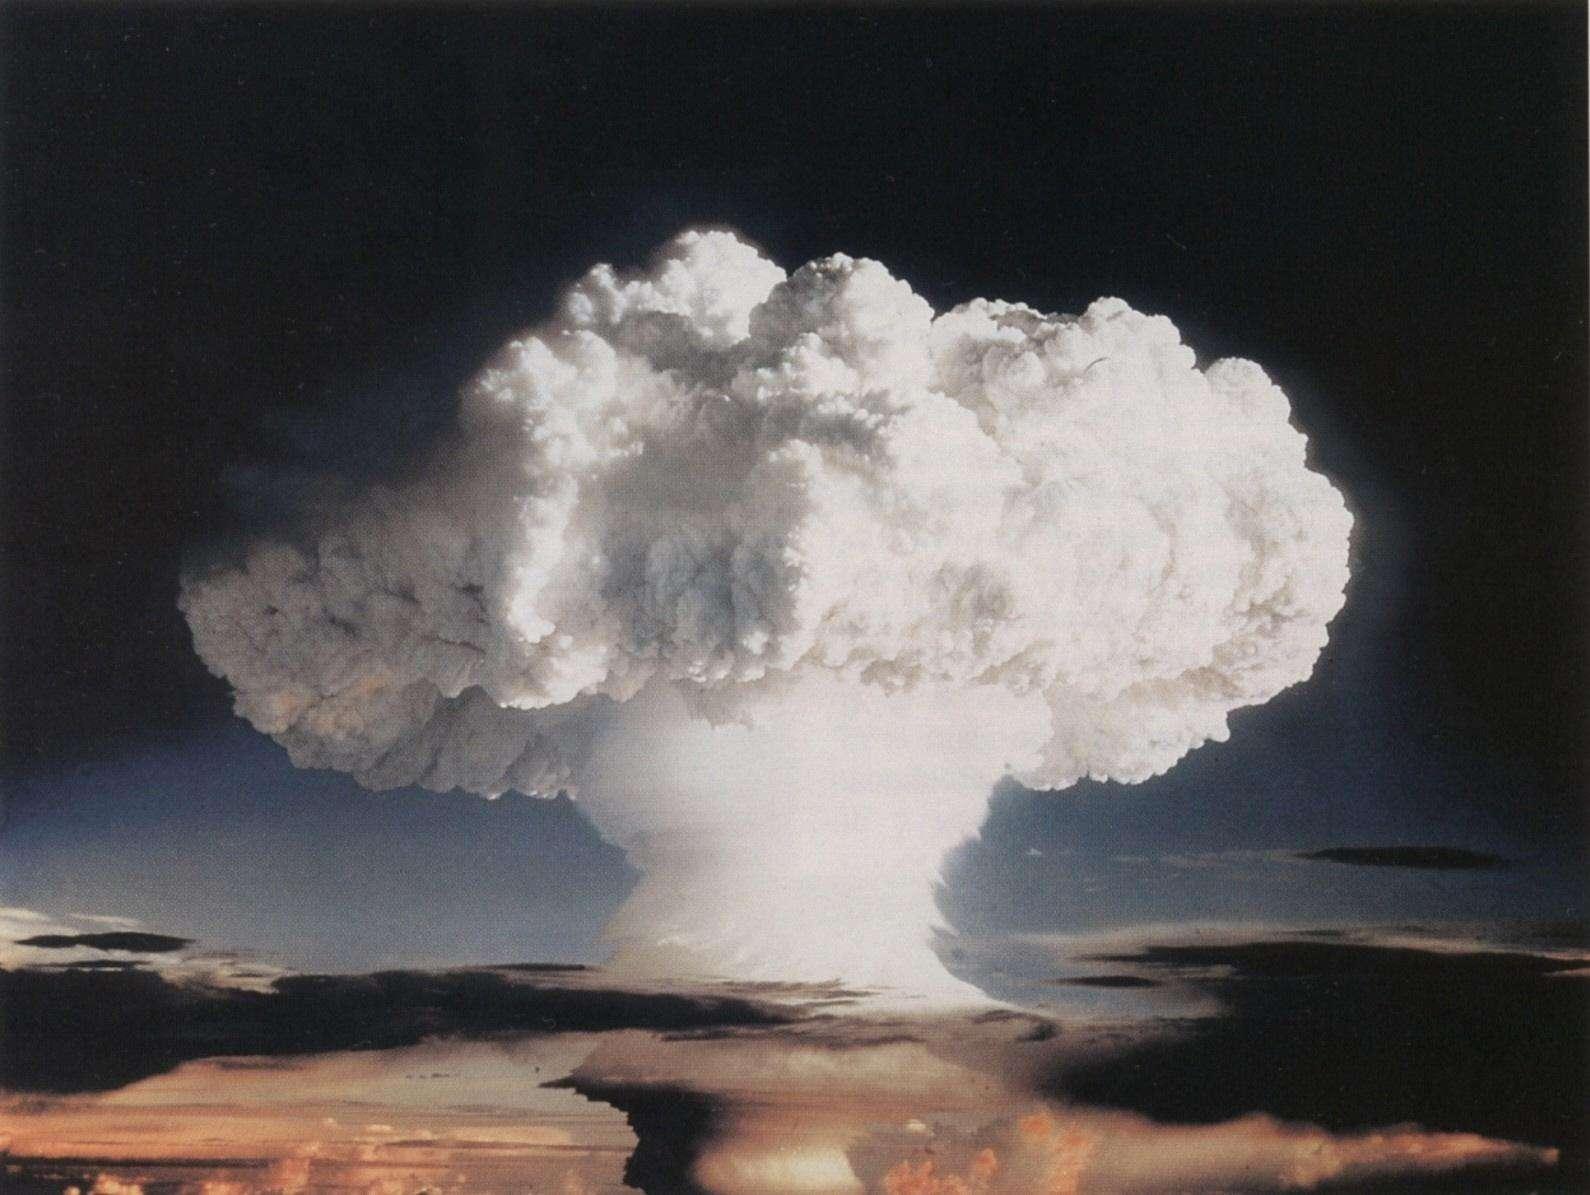 L'einsteinium a été identifié lors de l'analyse des débris dus à l'explosion de la première bombe H de l'histoire. © The Official CTBTO Photostream, Flickr, CC by 2.0